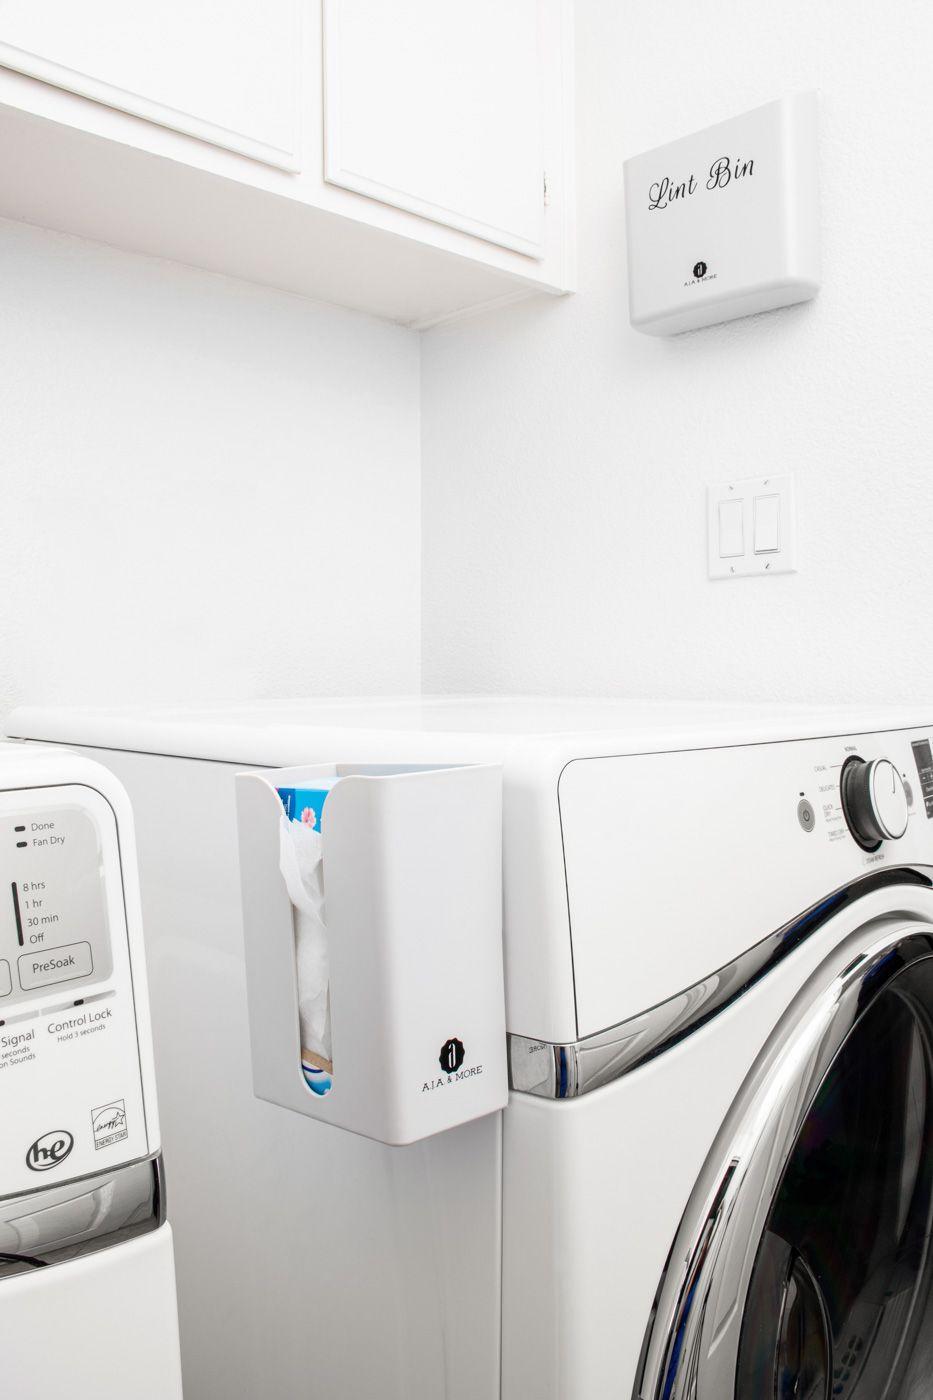 391b7e226593f7563e55f49a25b4fd4a - How To Get Lint Off Clothes With A Dryer Sheet